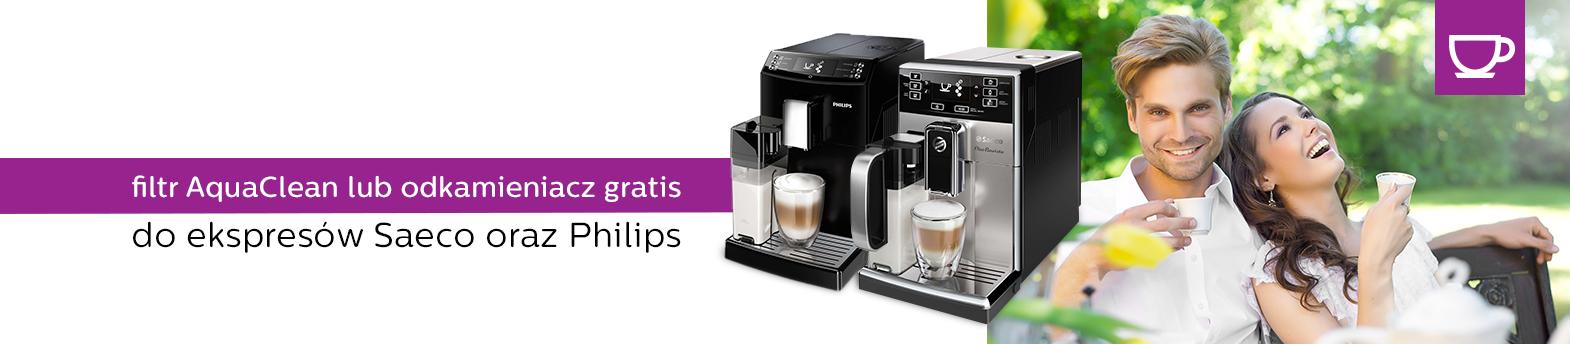 Saeco & Philips - filtr gratis